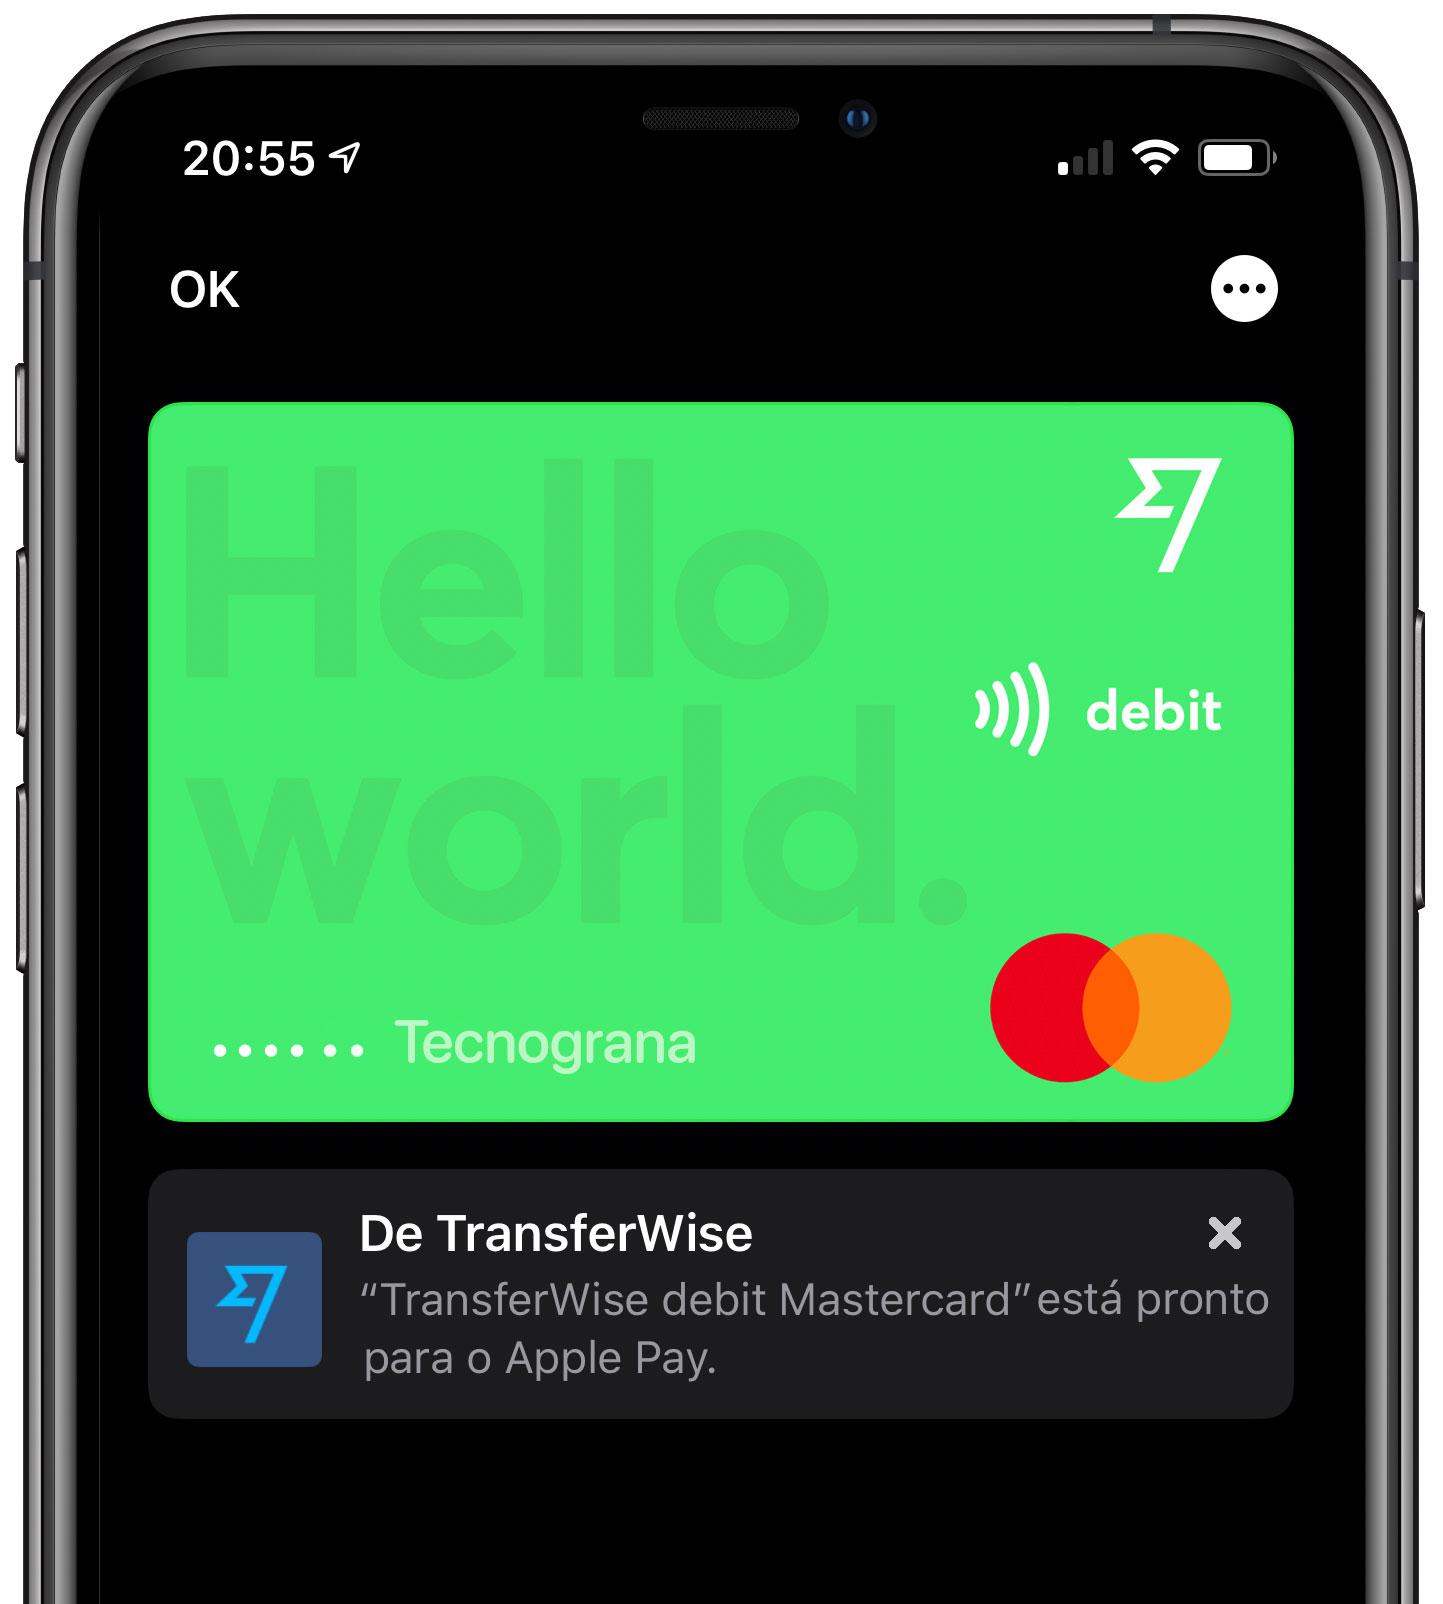 ApplePay-Transferwise Cartão de débito da Transferwise agora é compatível com Apple Pay